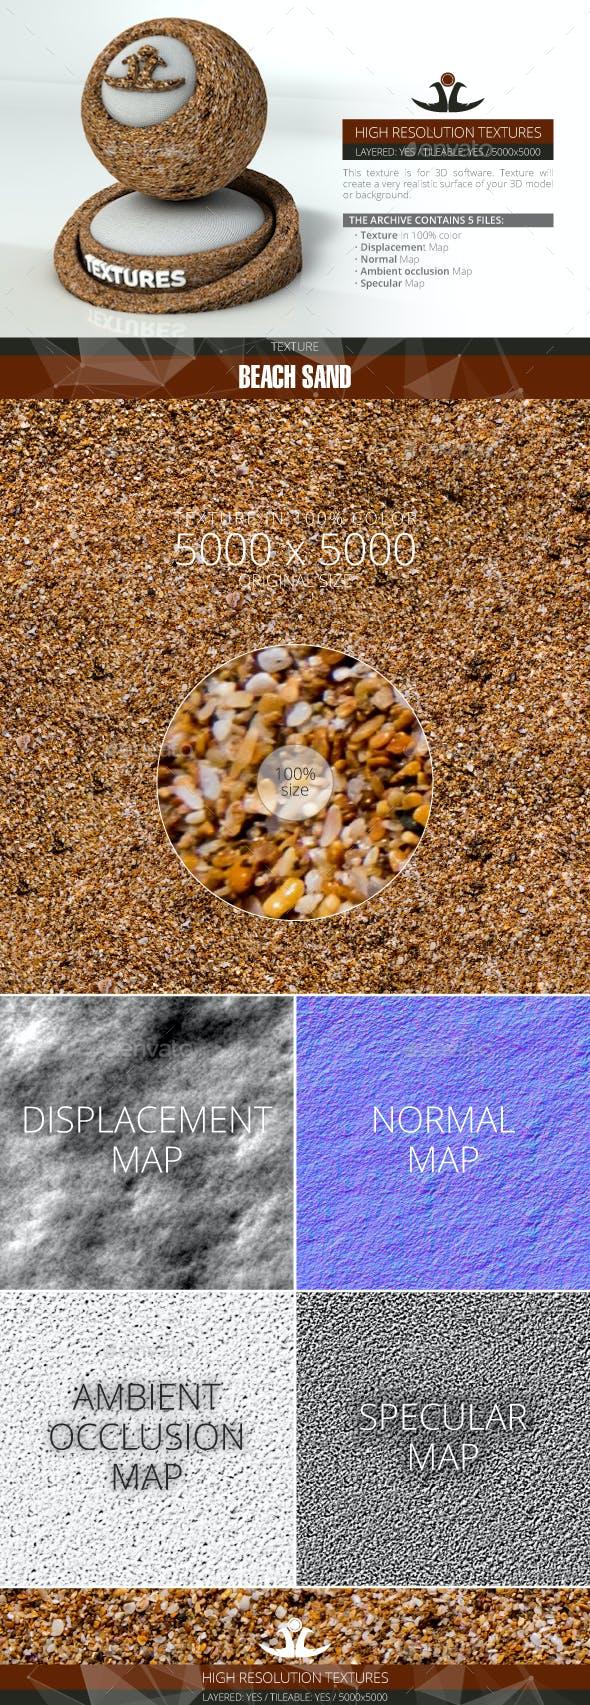 Beach Sand - 3DOcean Item for Sale